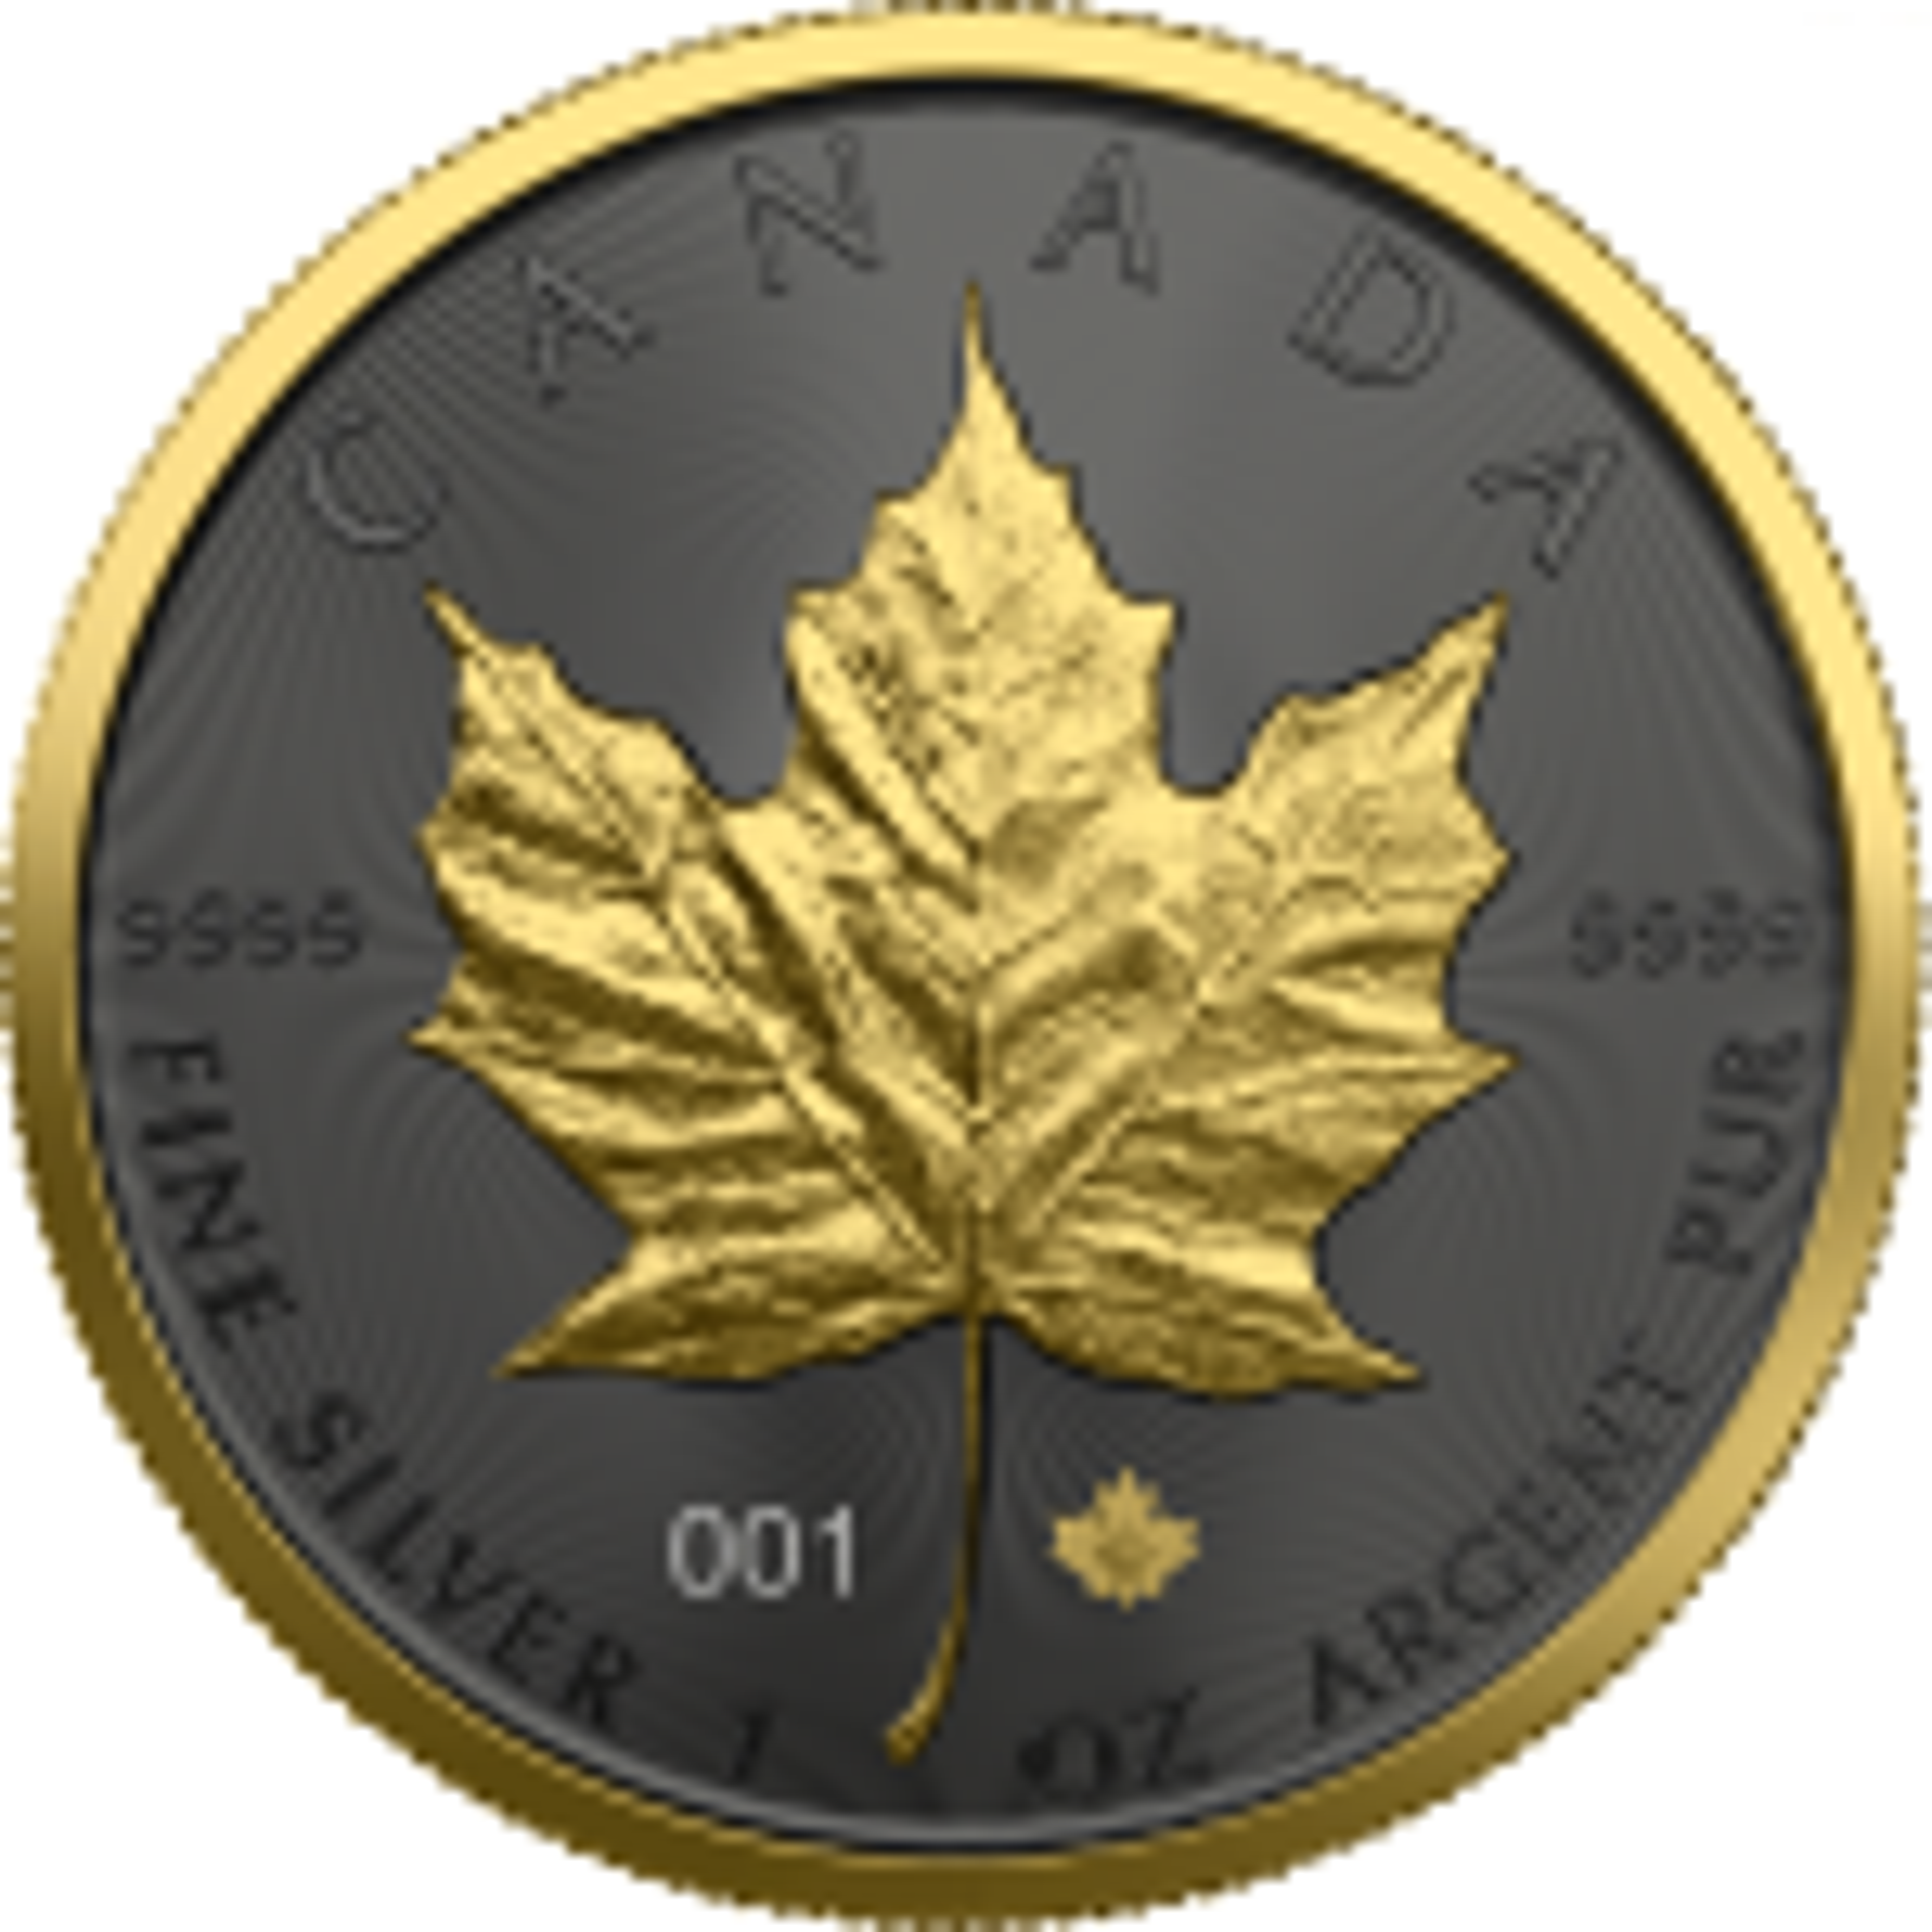 1 Troy ounce zilveren munt Golden Ring - Maple Leaf 2021